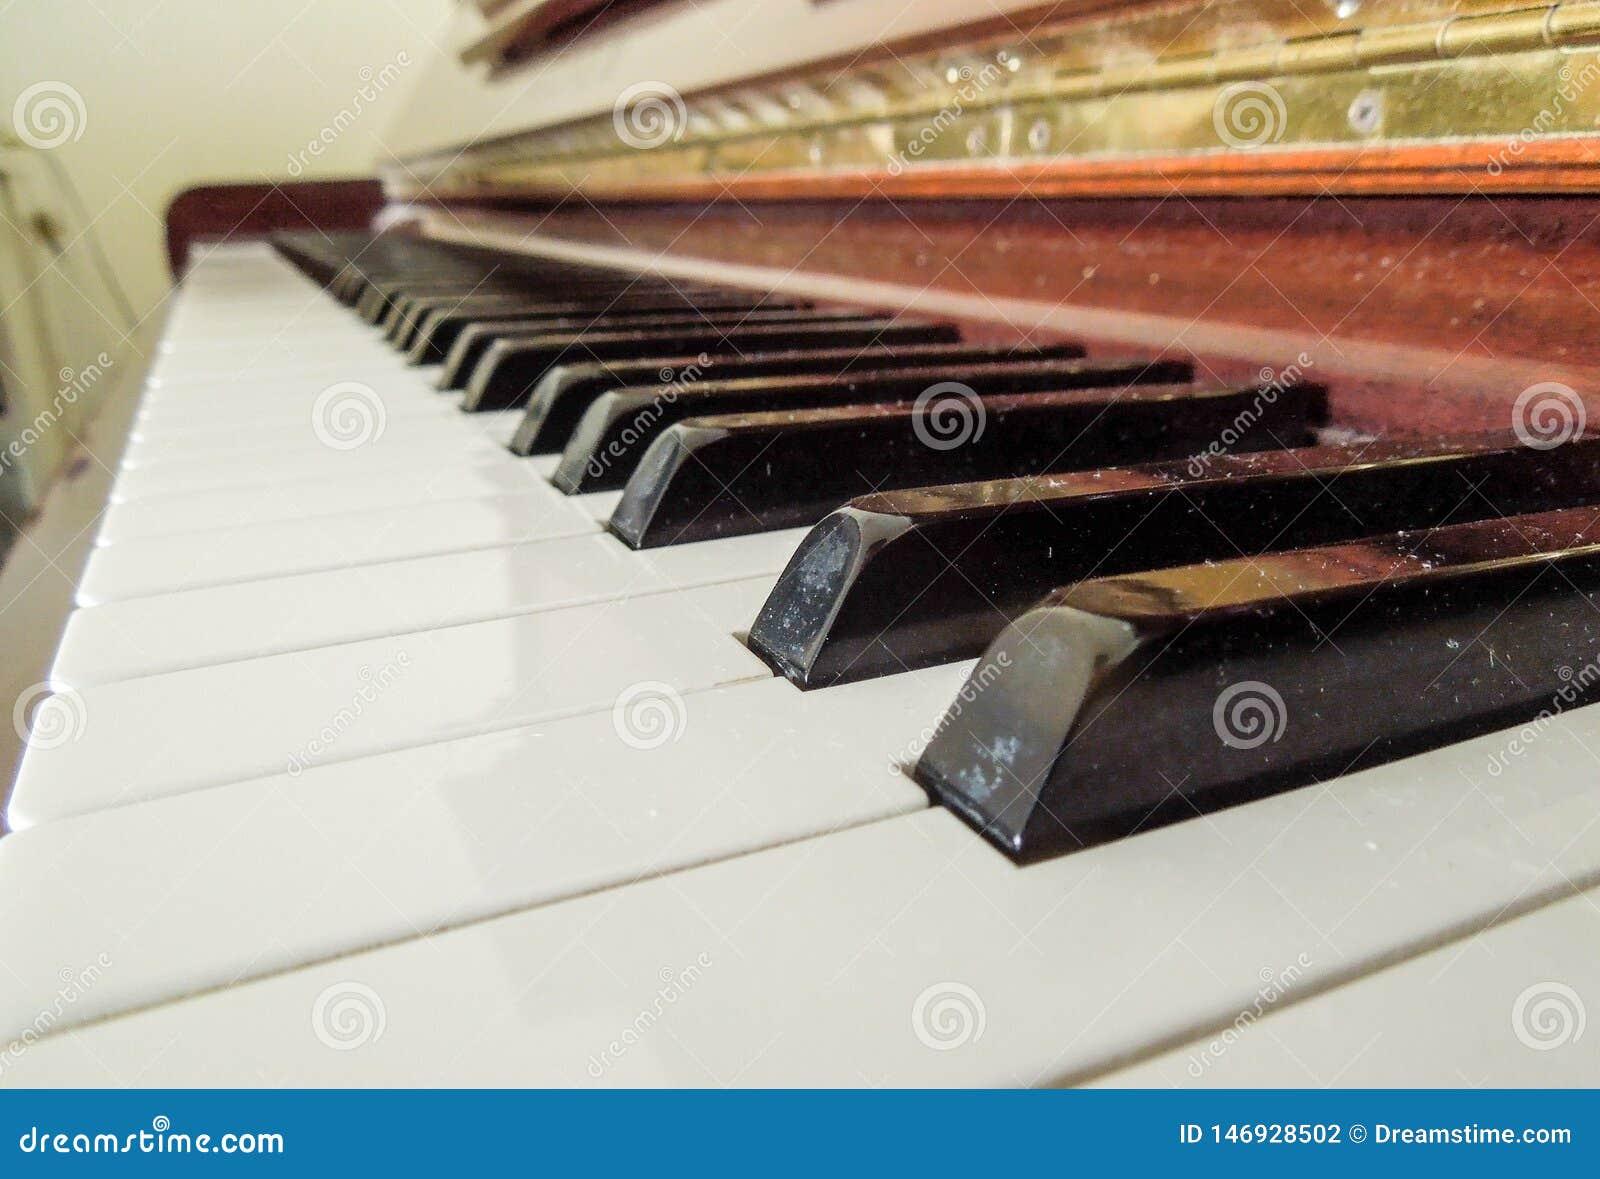 Closup de um piano de madeira com duas chaves pretas no foco